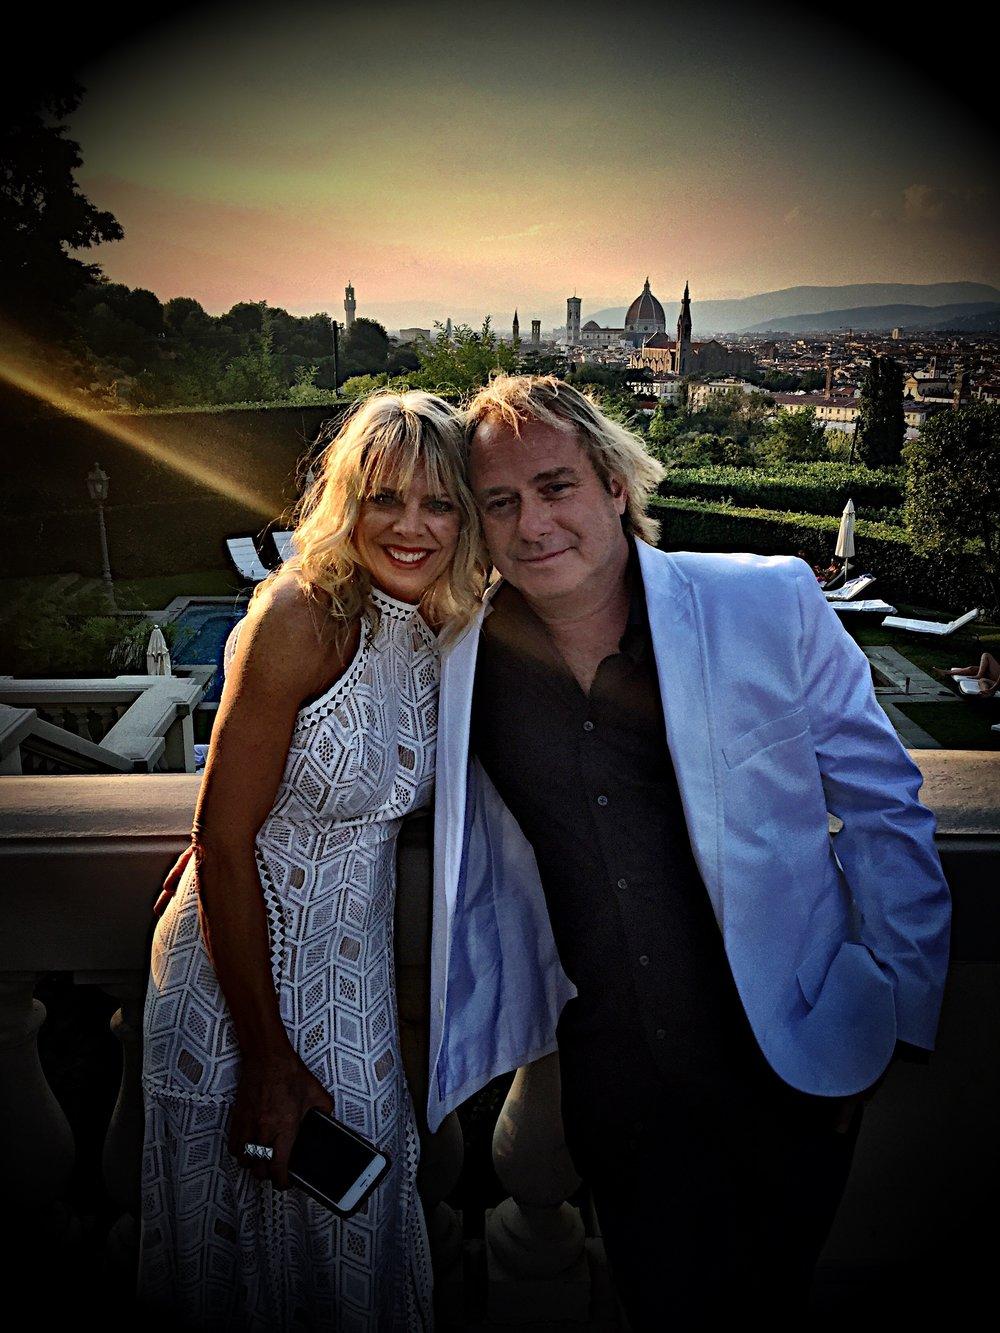 Michelle Watts and Walter Spitz at the Villa La Vedetta